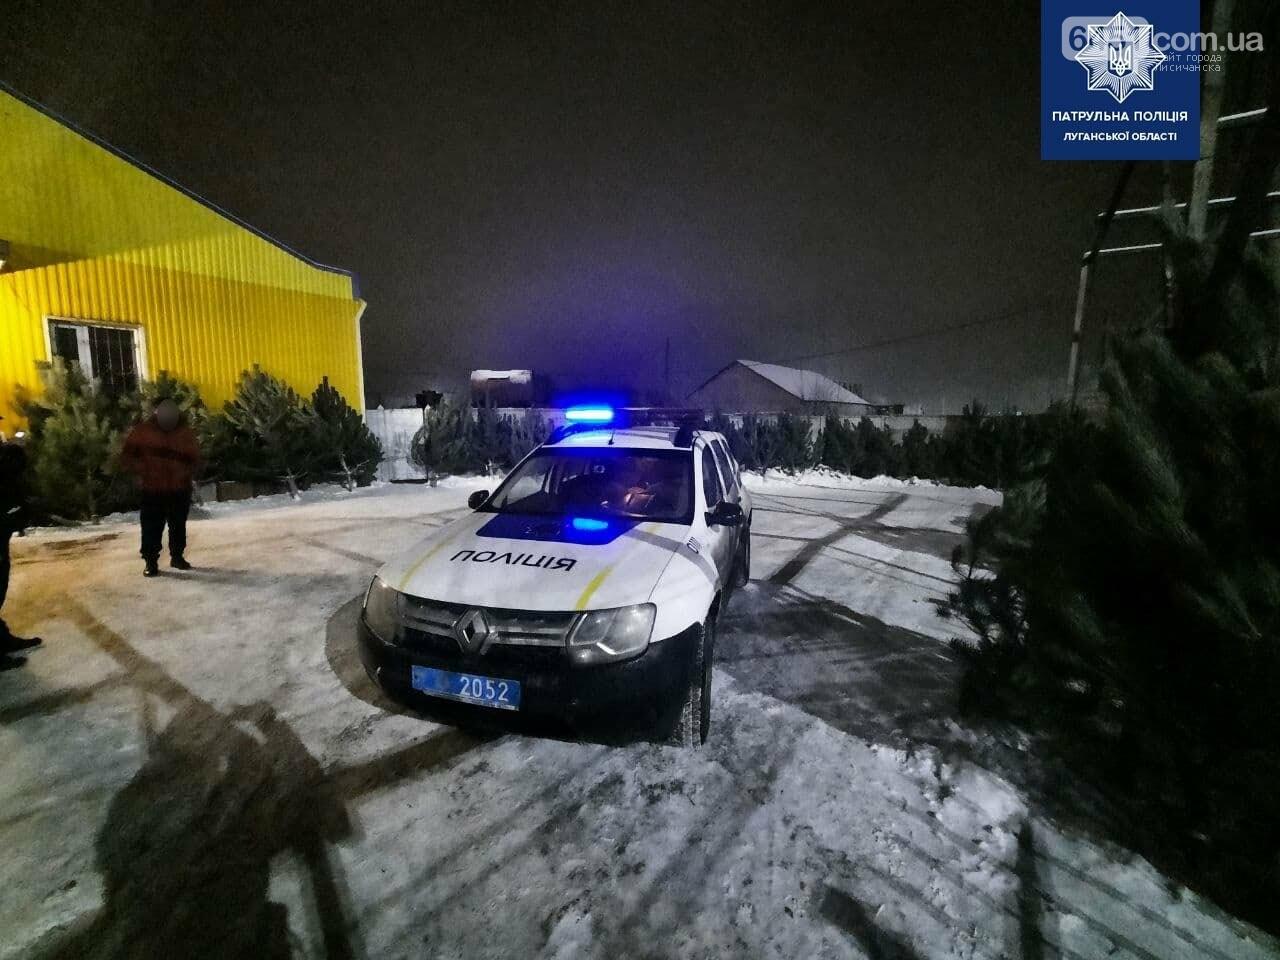 В Лисичанске обнаружен мужчина, который незаконно торговал ёлками, фото-1